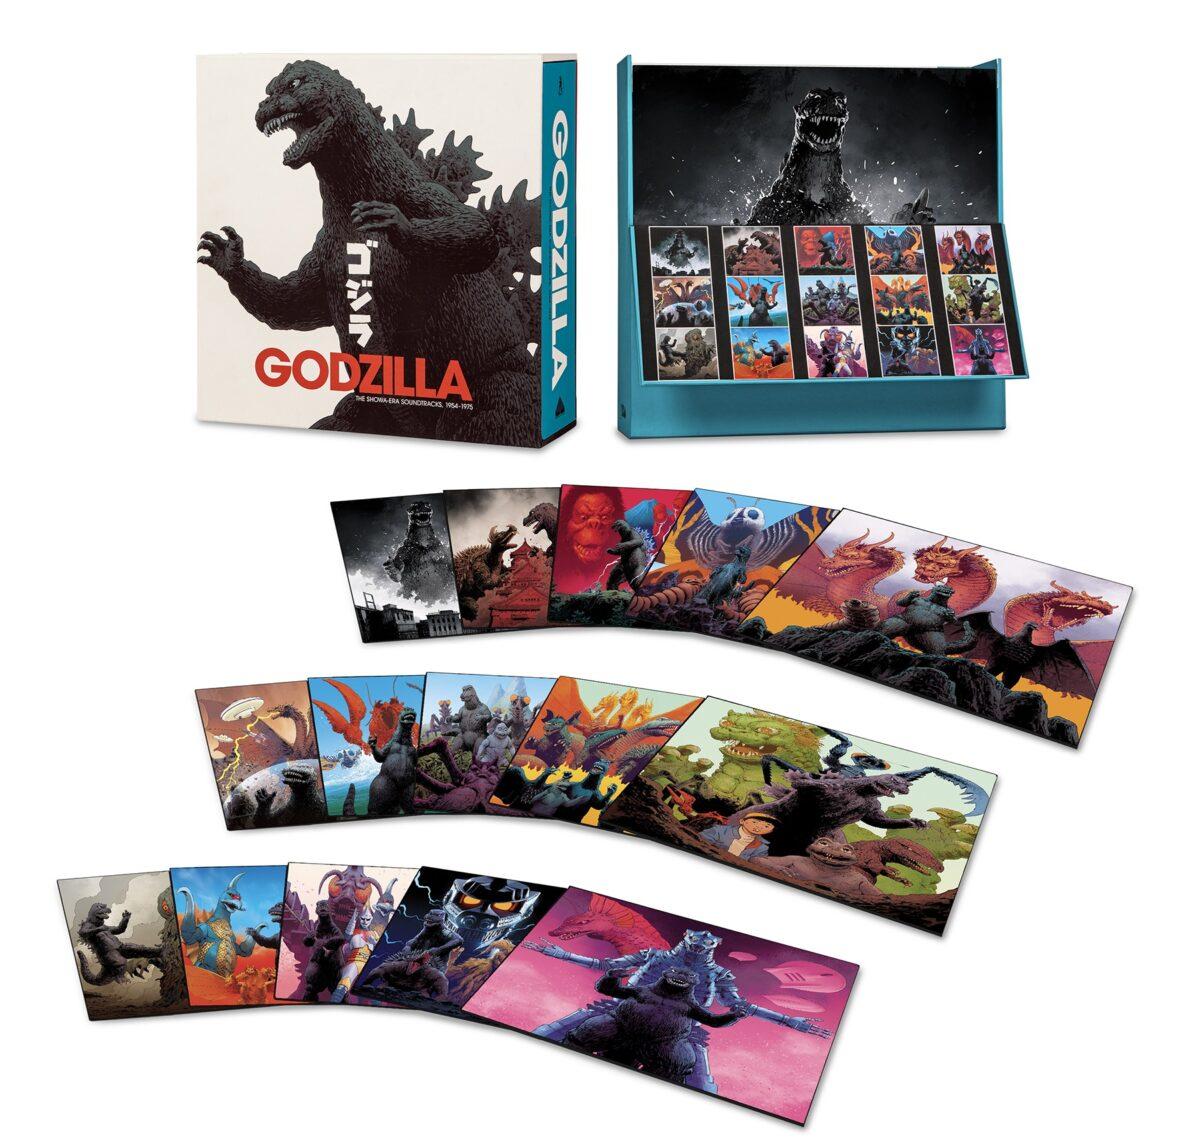 Саундтреки к классическим фильмам про Годзиллу выйдут в формате винил-бокса «Godzilla: The Showa Era Soundtracks» 1